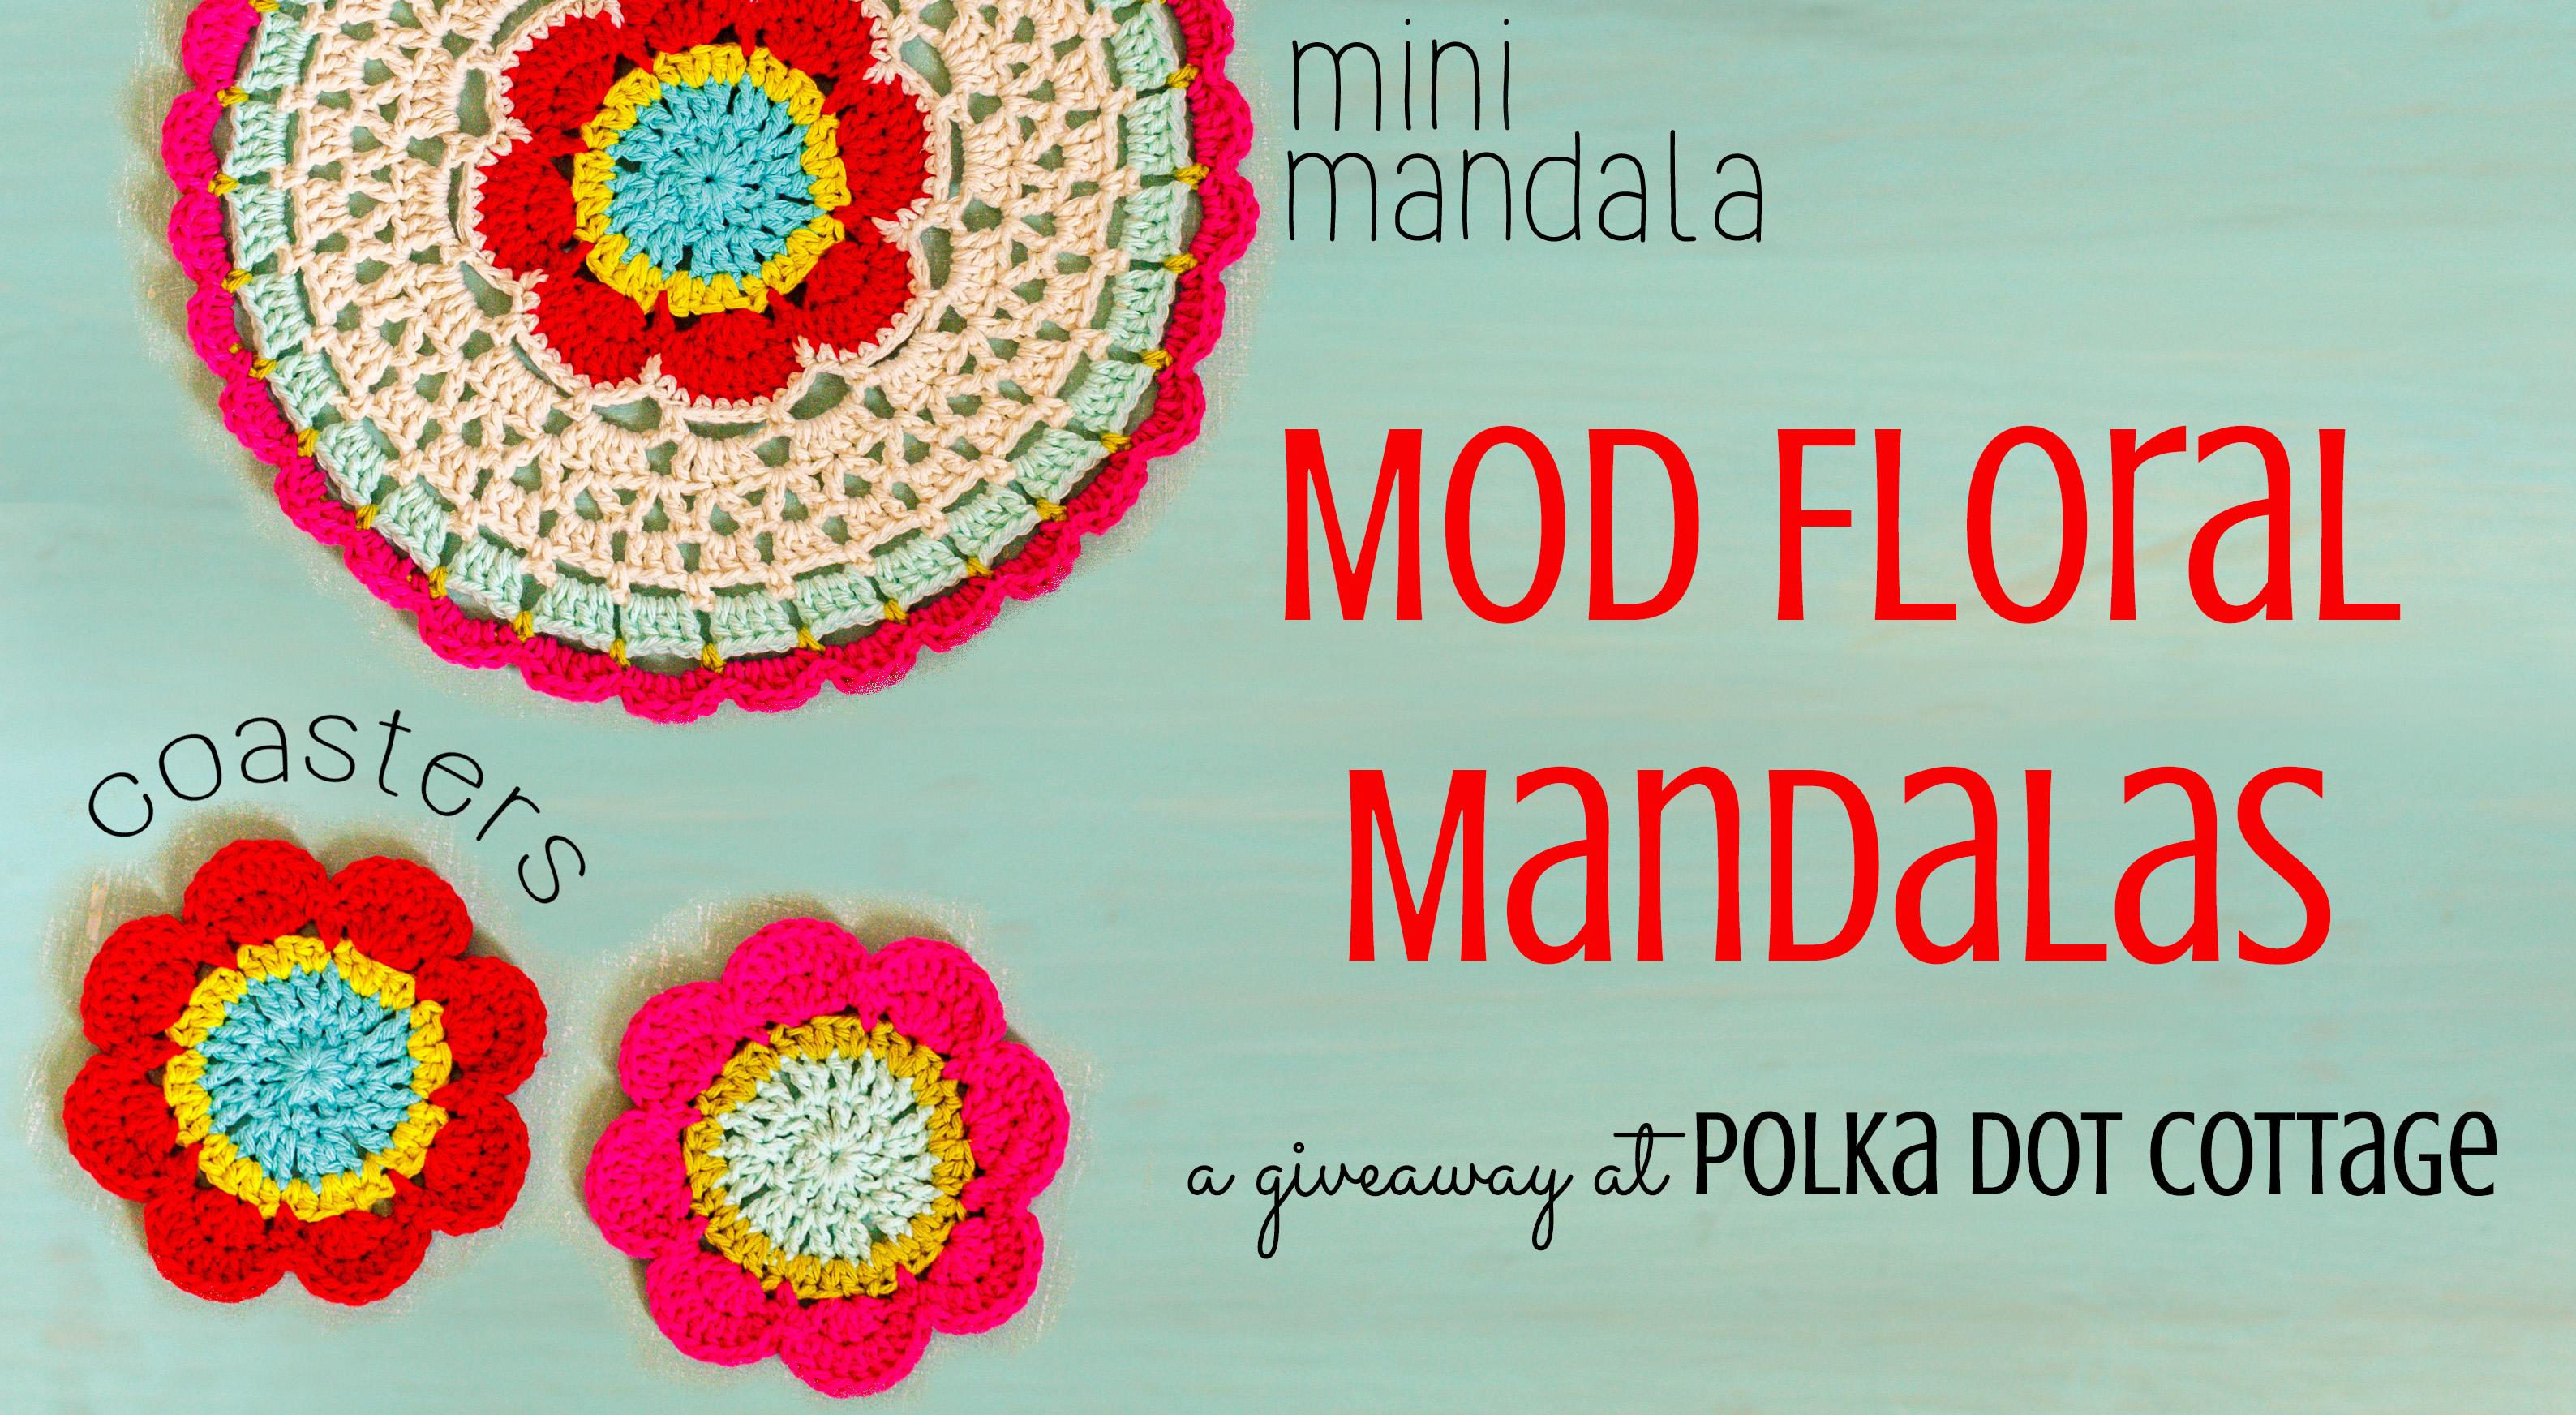 Mod Floral Mandalas at Polka Dot Cottage